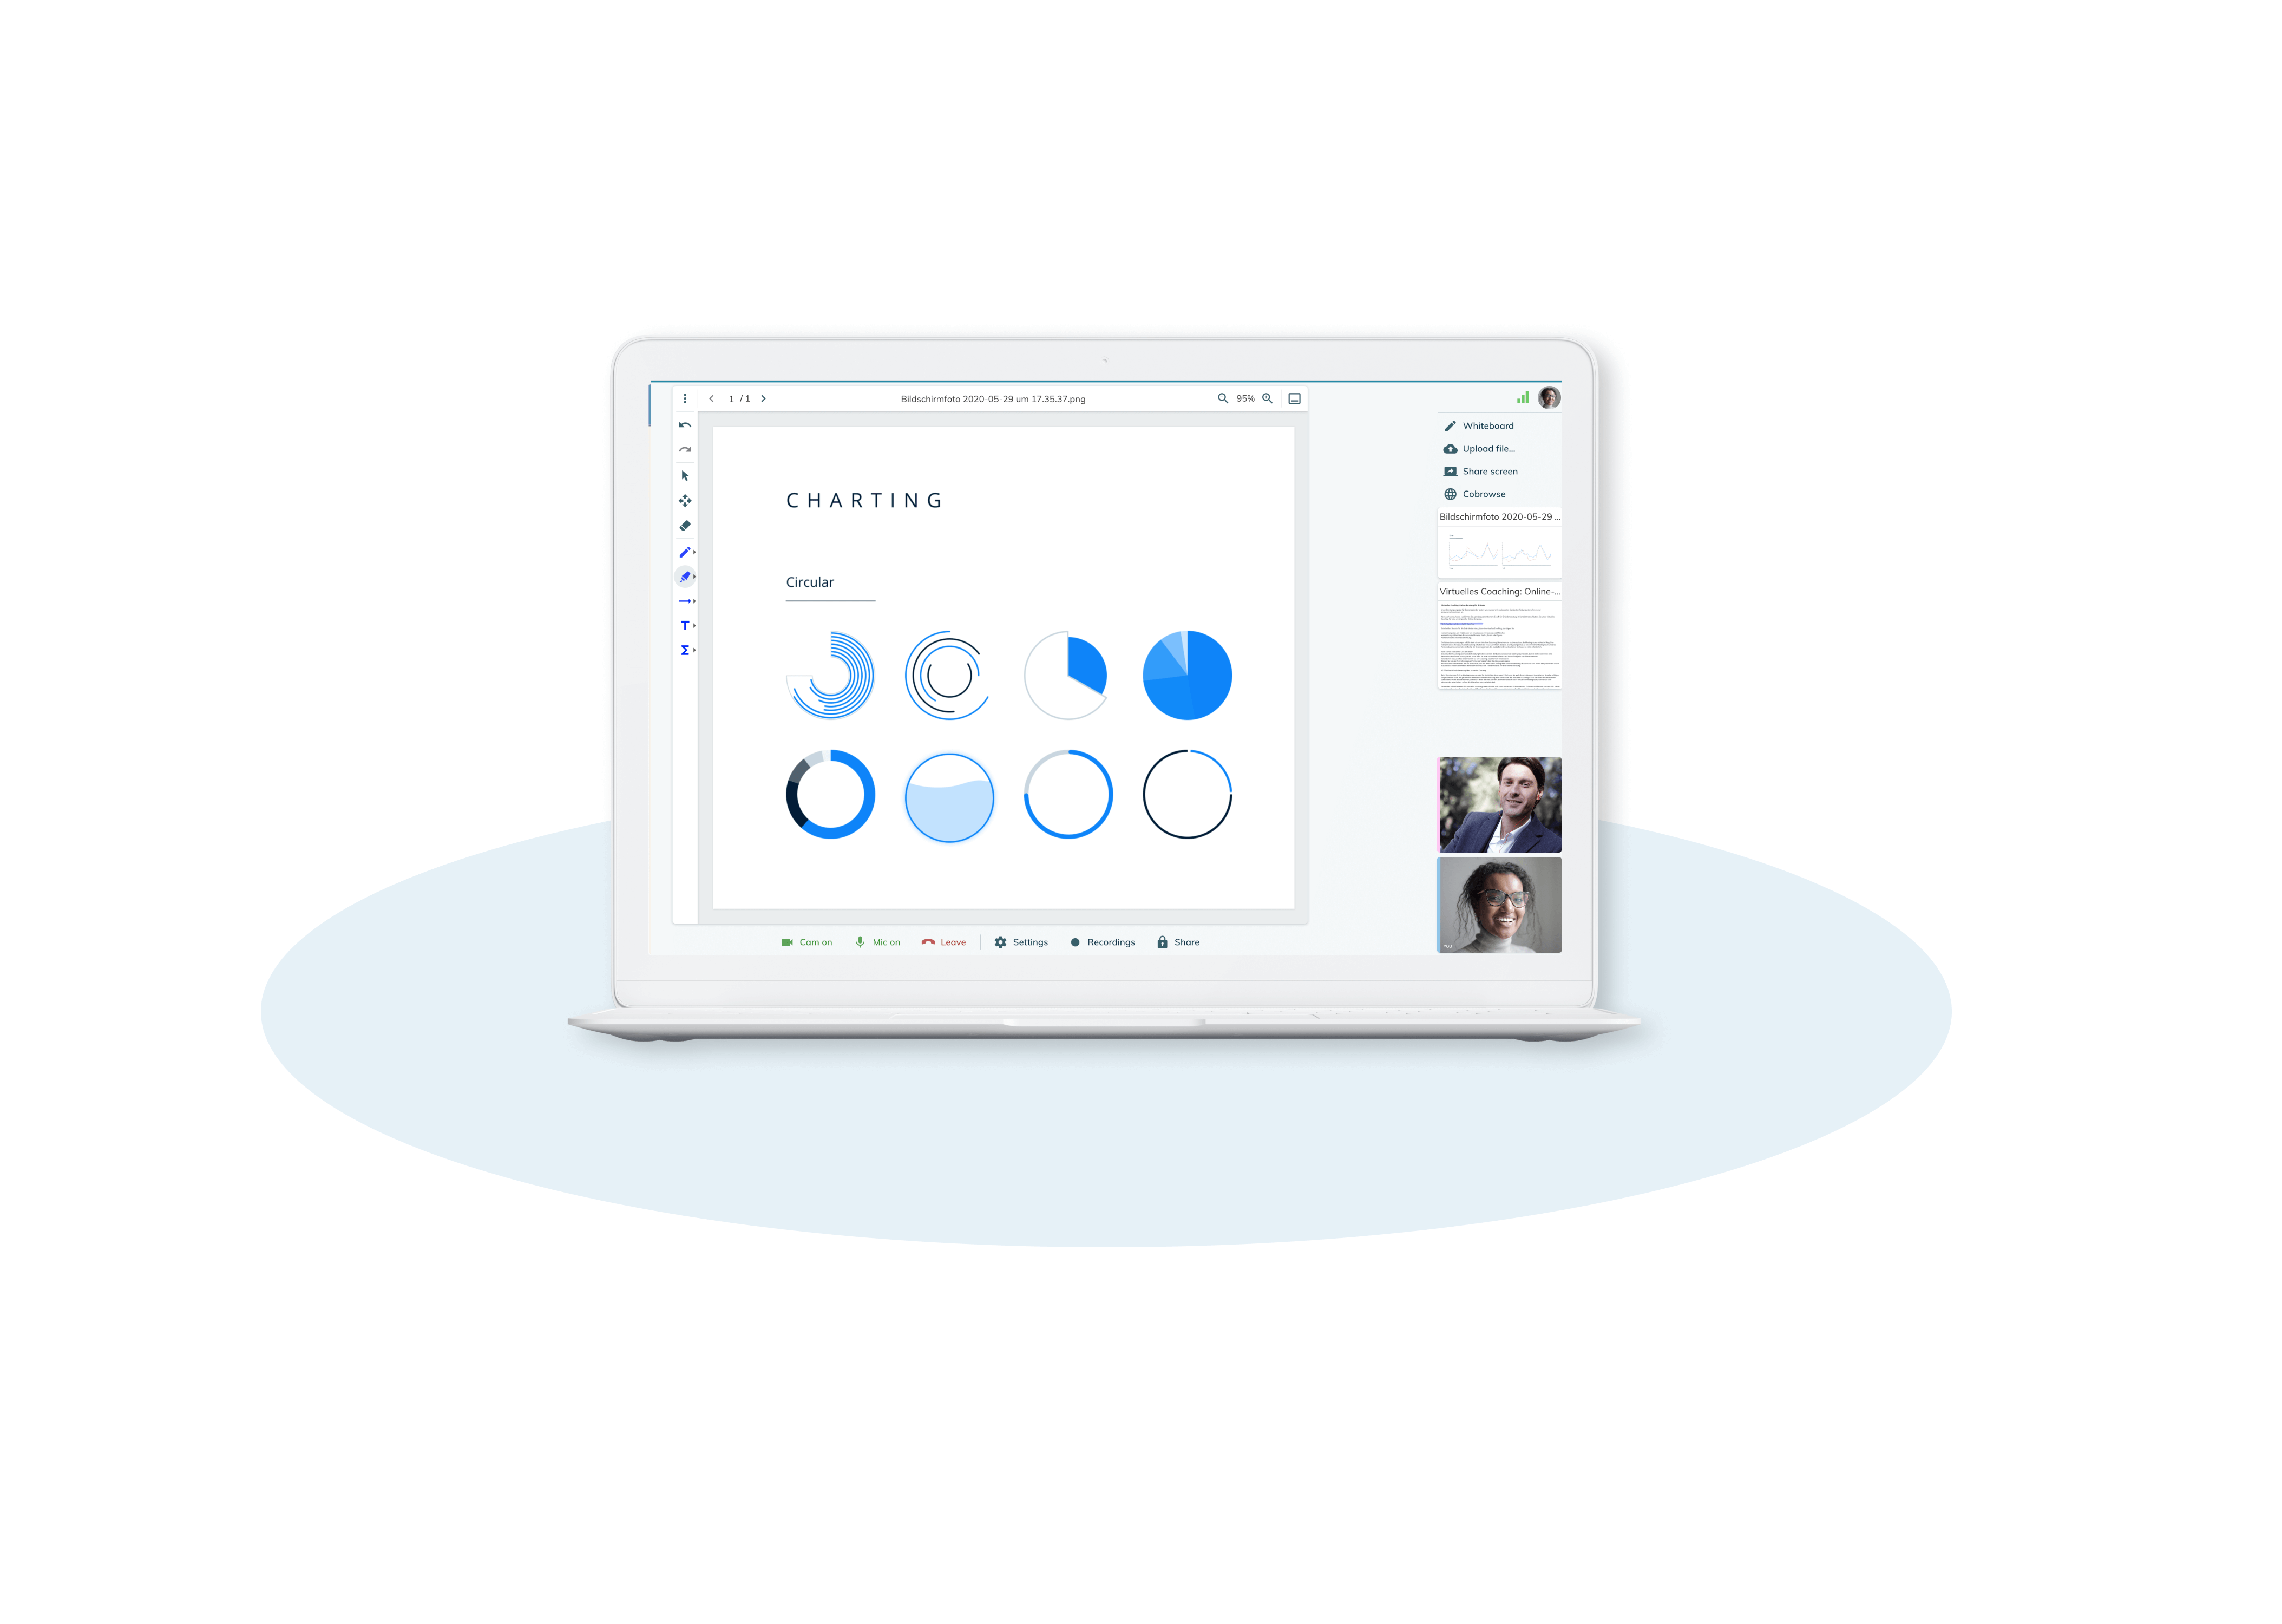 Nutzen Sie Whiteboard, Screensharing oder Cobrowsing für eine effektive Gründerberatung via Online-Meeting.